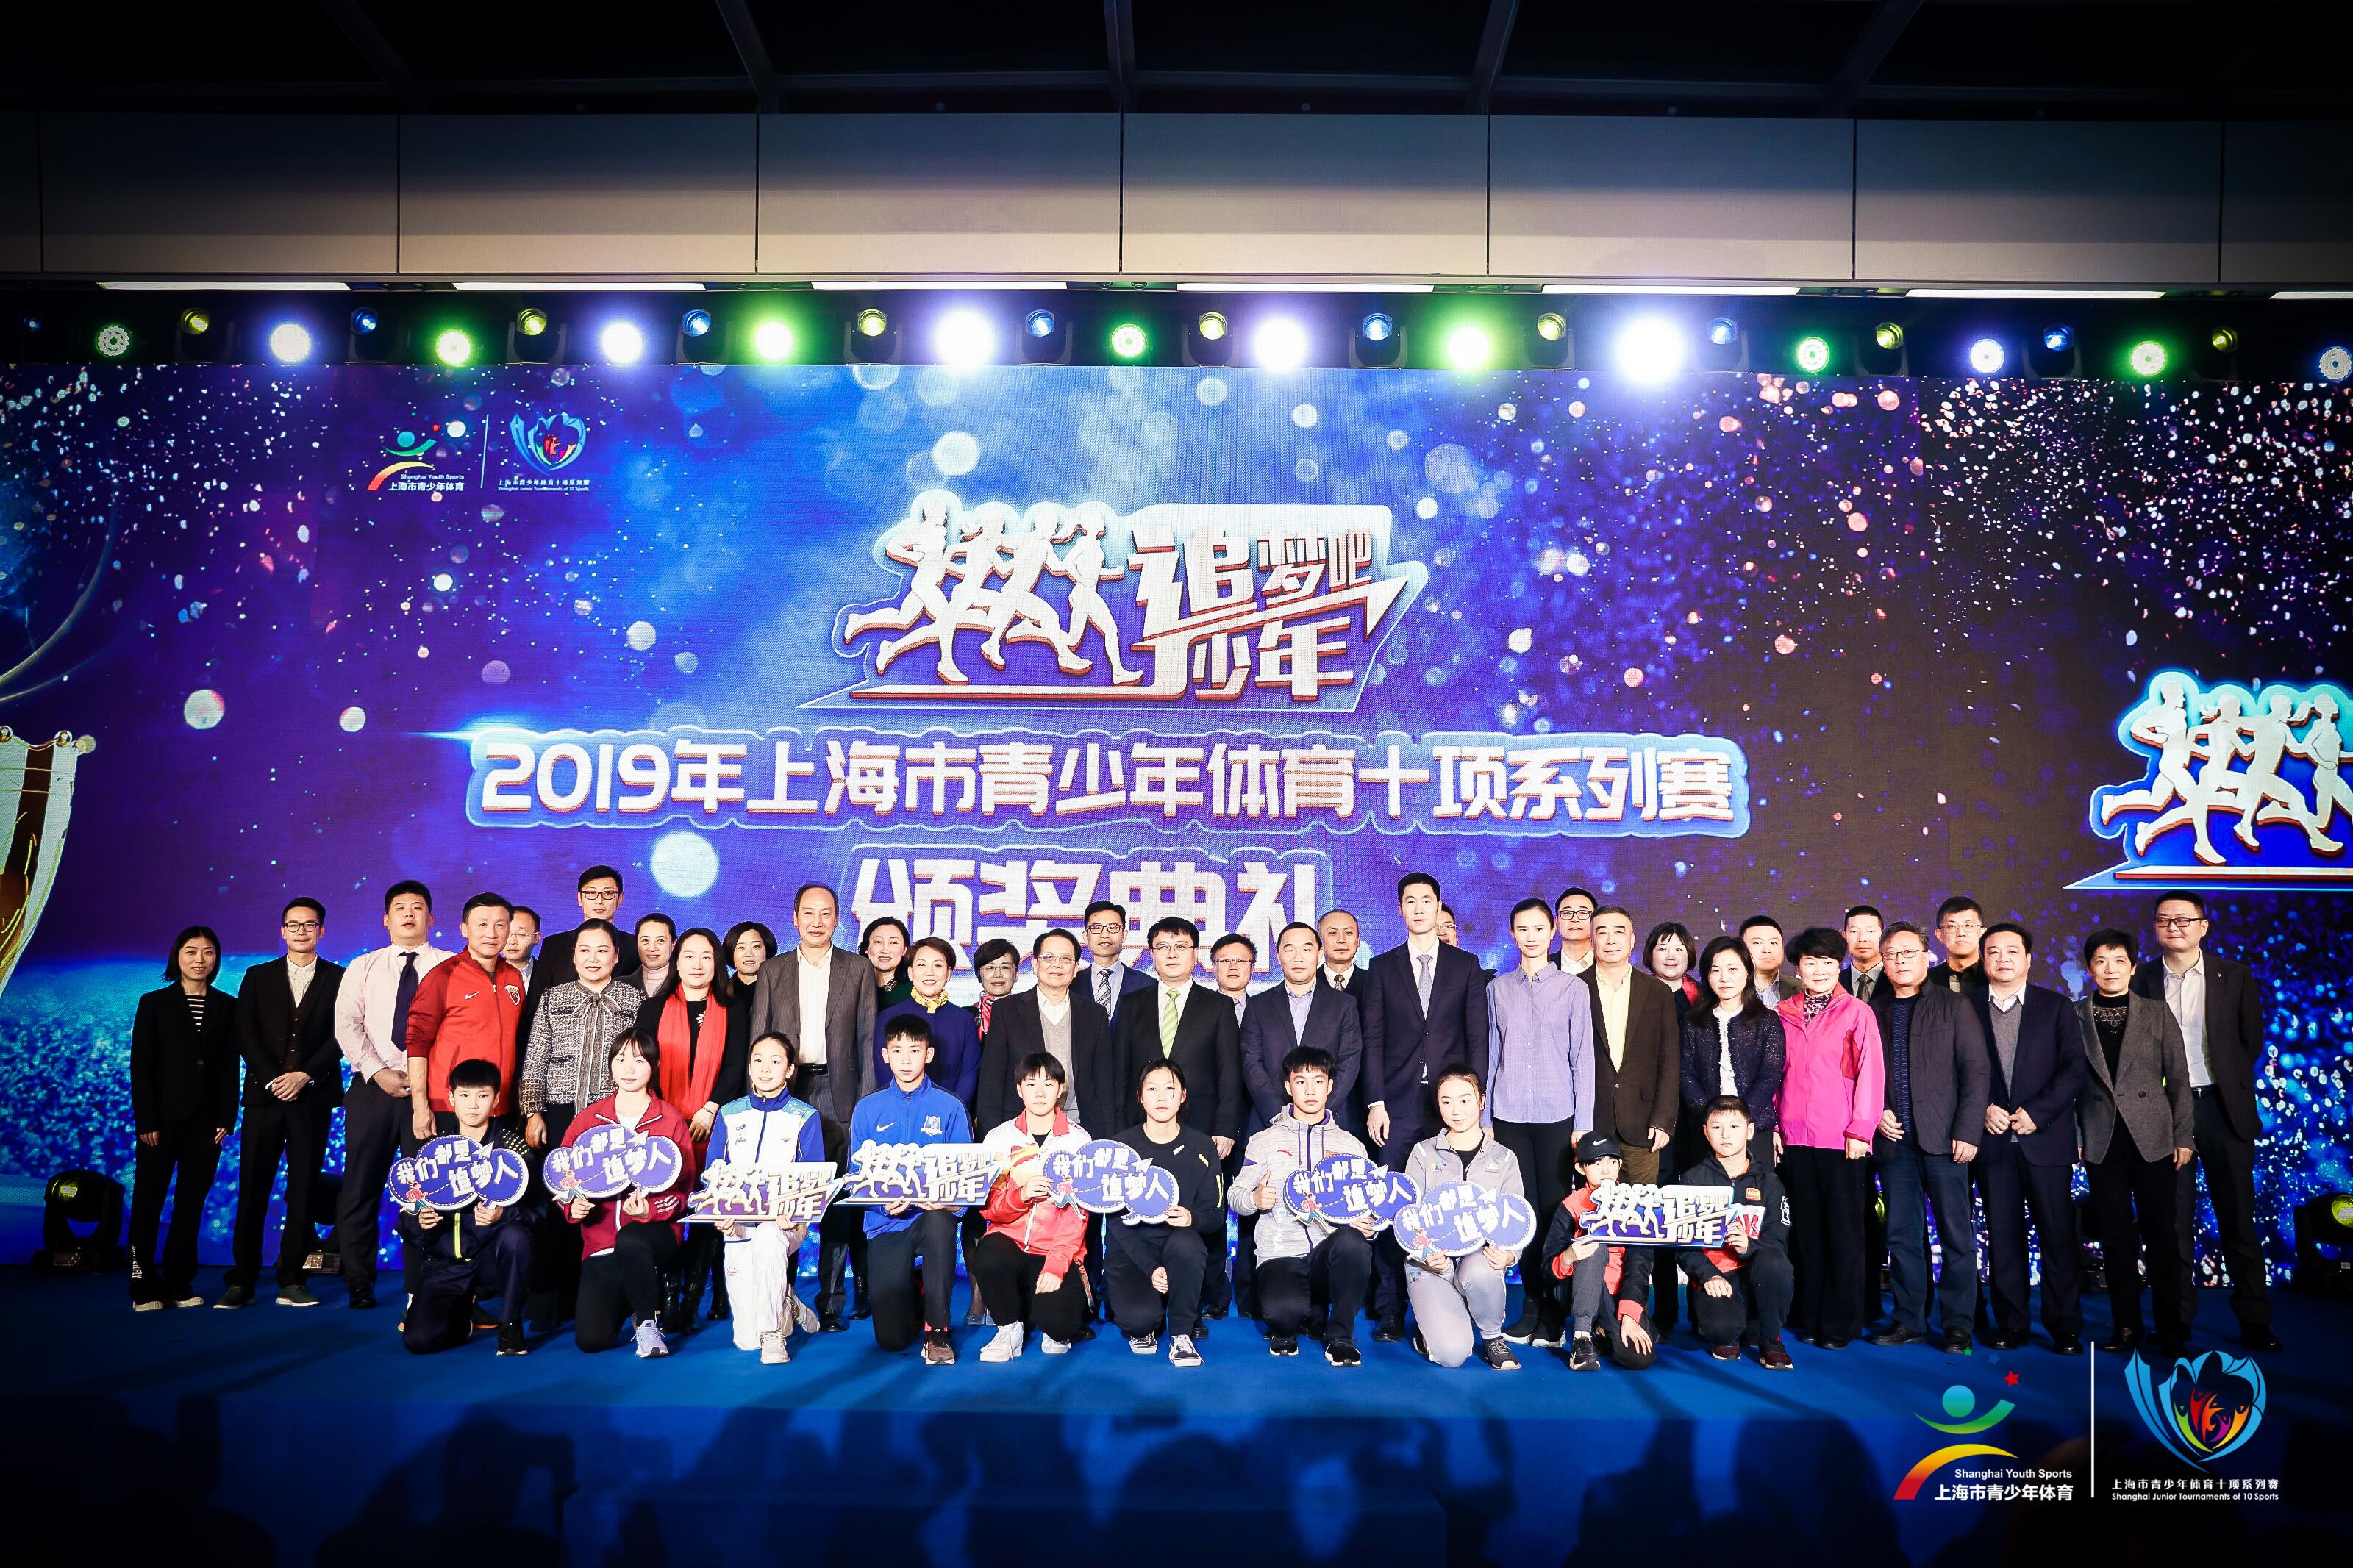 放飞梦想,雏鹰飞翔!2019年上海市青少年体育十项系列赛颁奖典礼隆重举行